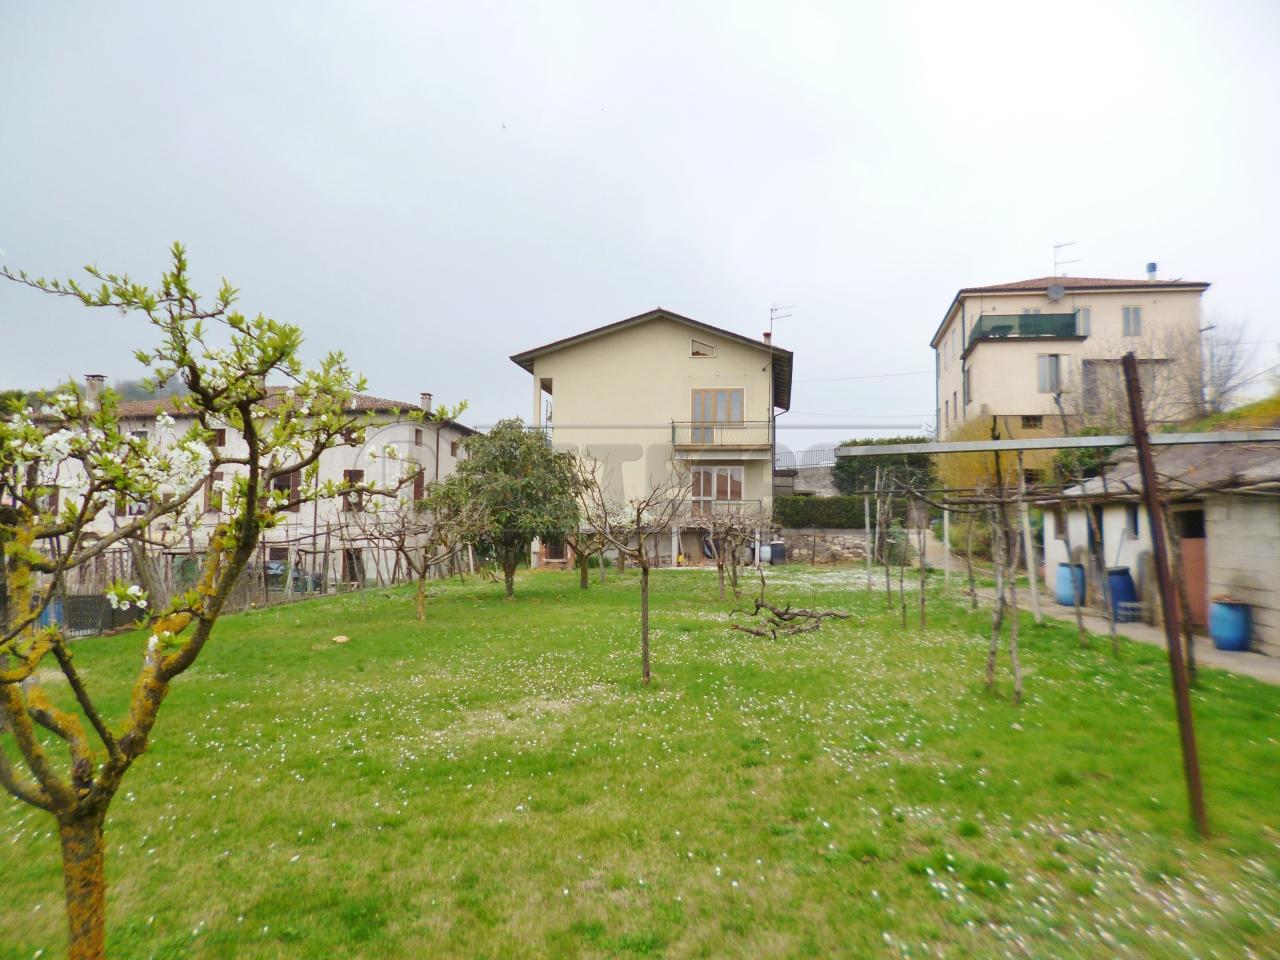 Soluzione Indipendente in vendita a Montebello Vicentino, 10 locali, prezzo € 200.000 | Cambio Casa.it